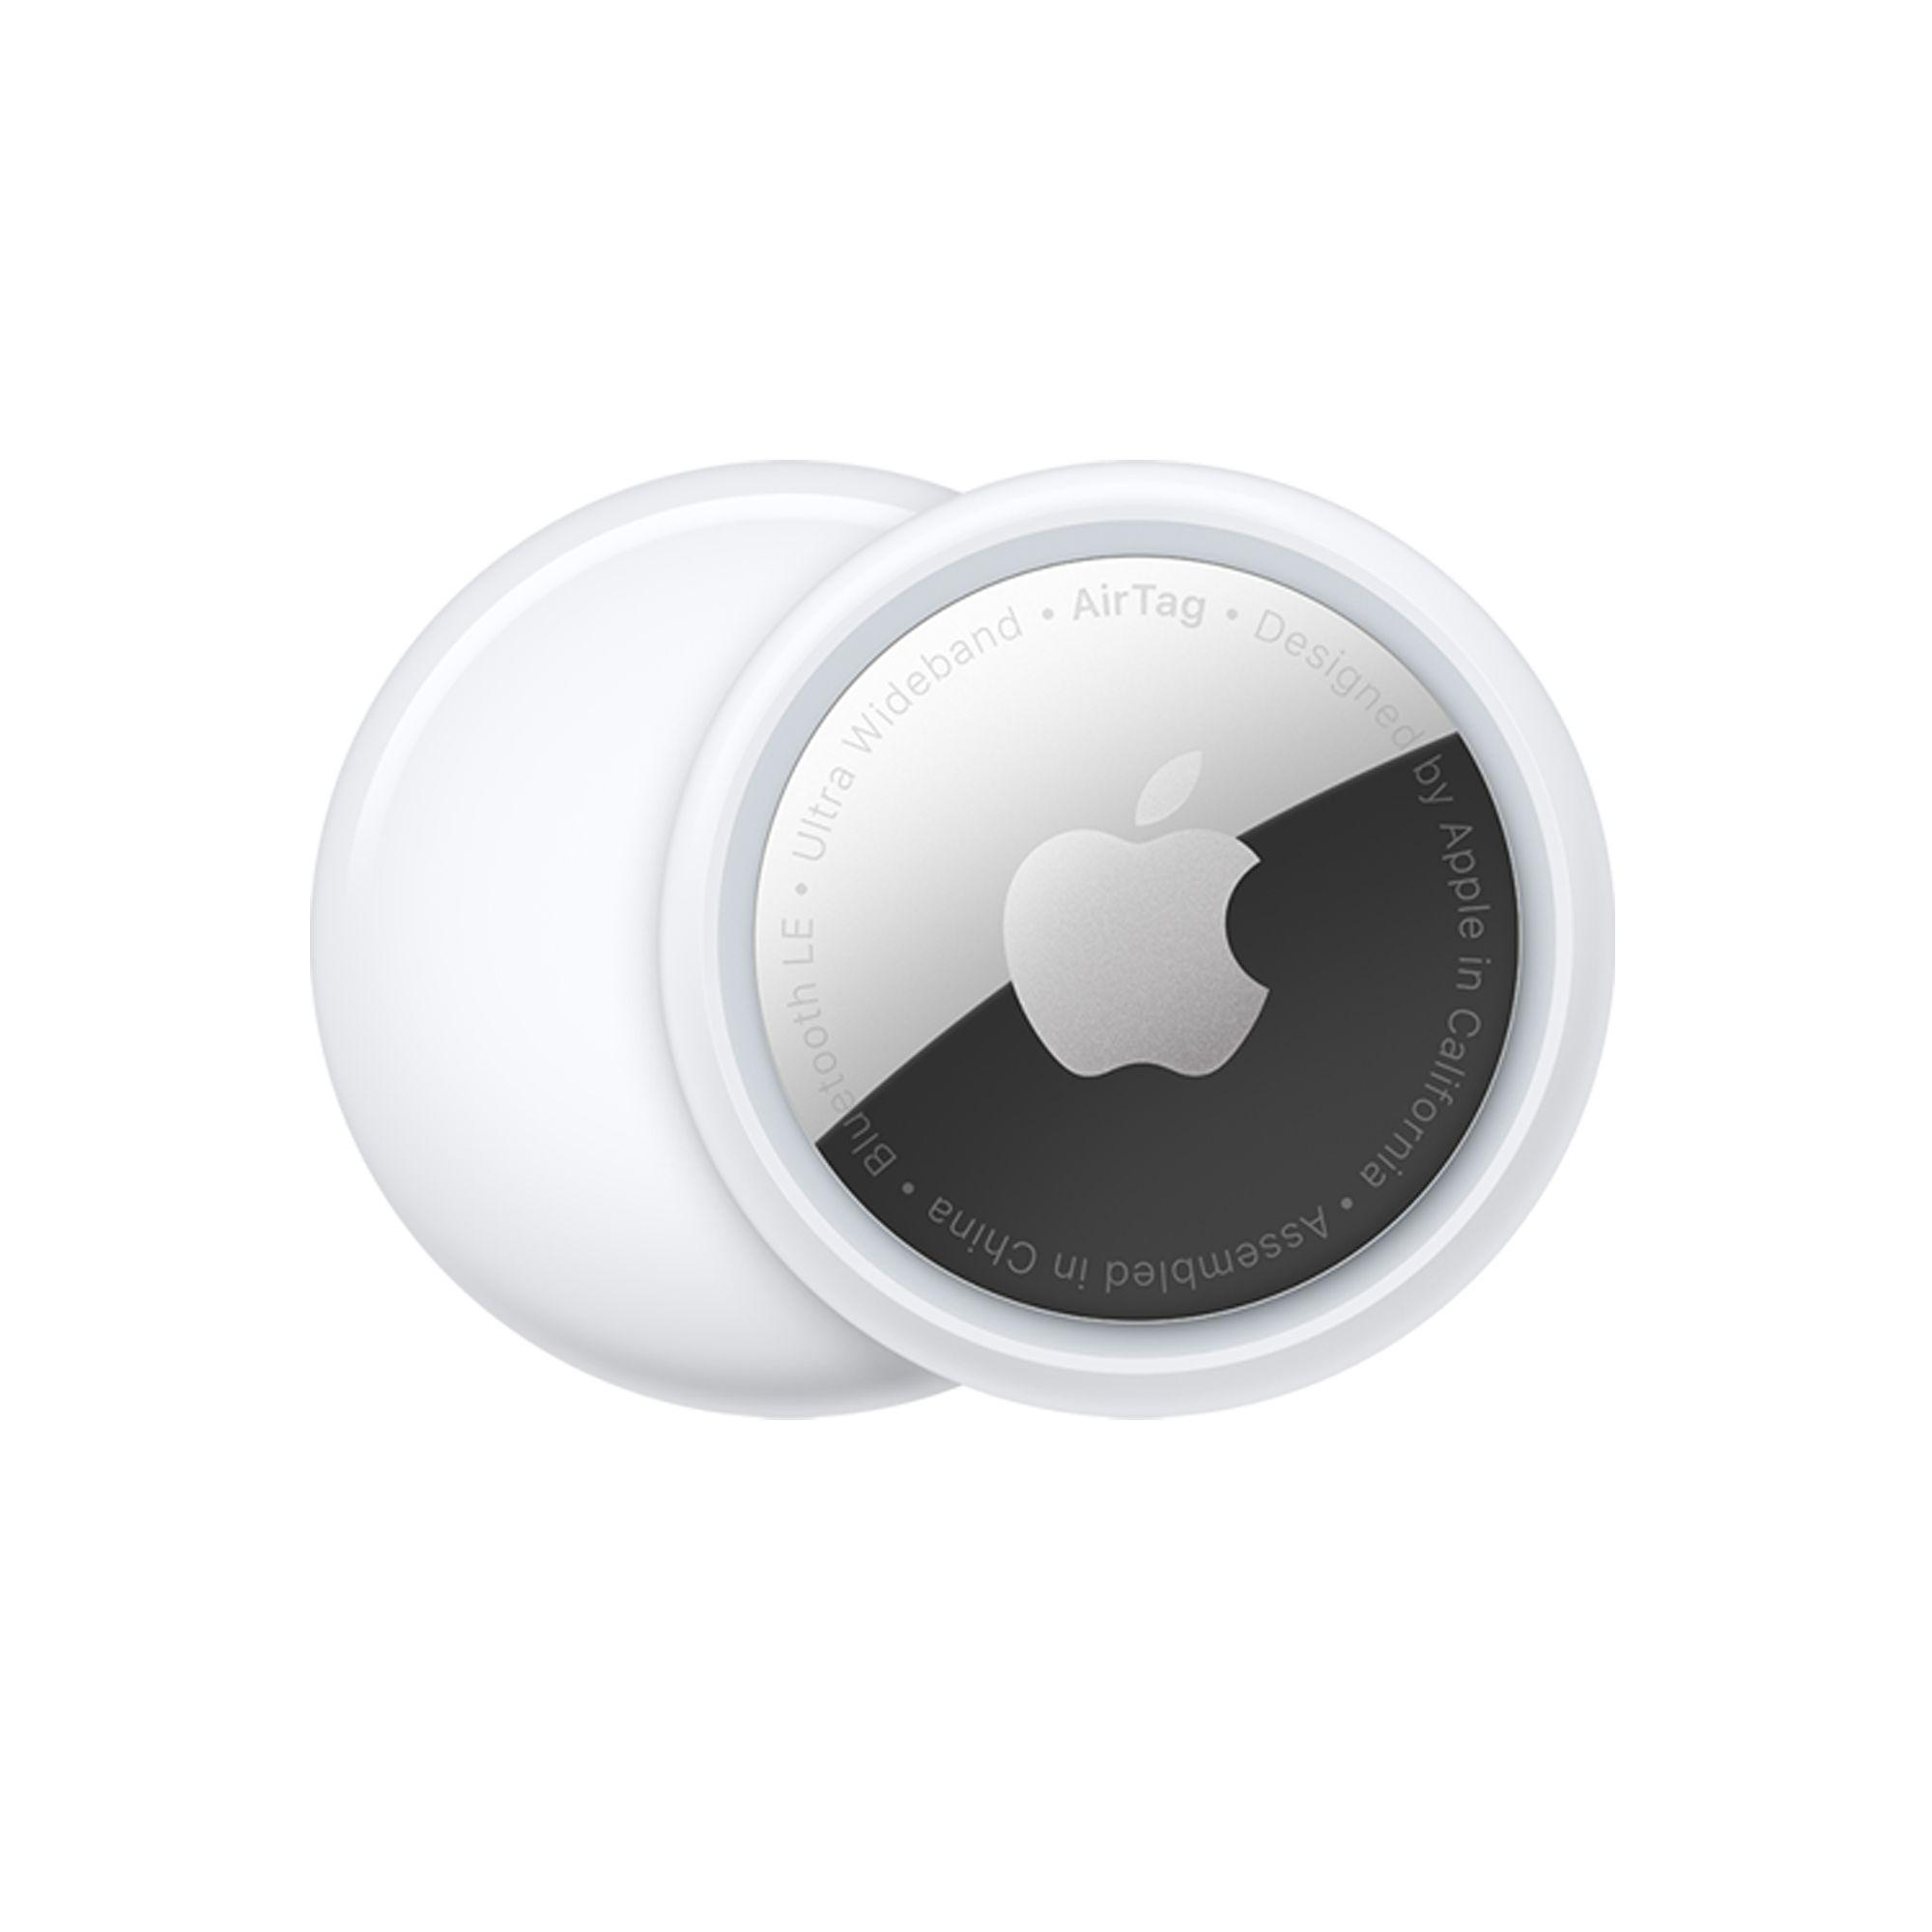 Koop AirTag - Apple (NL)